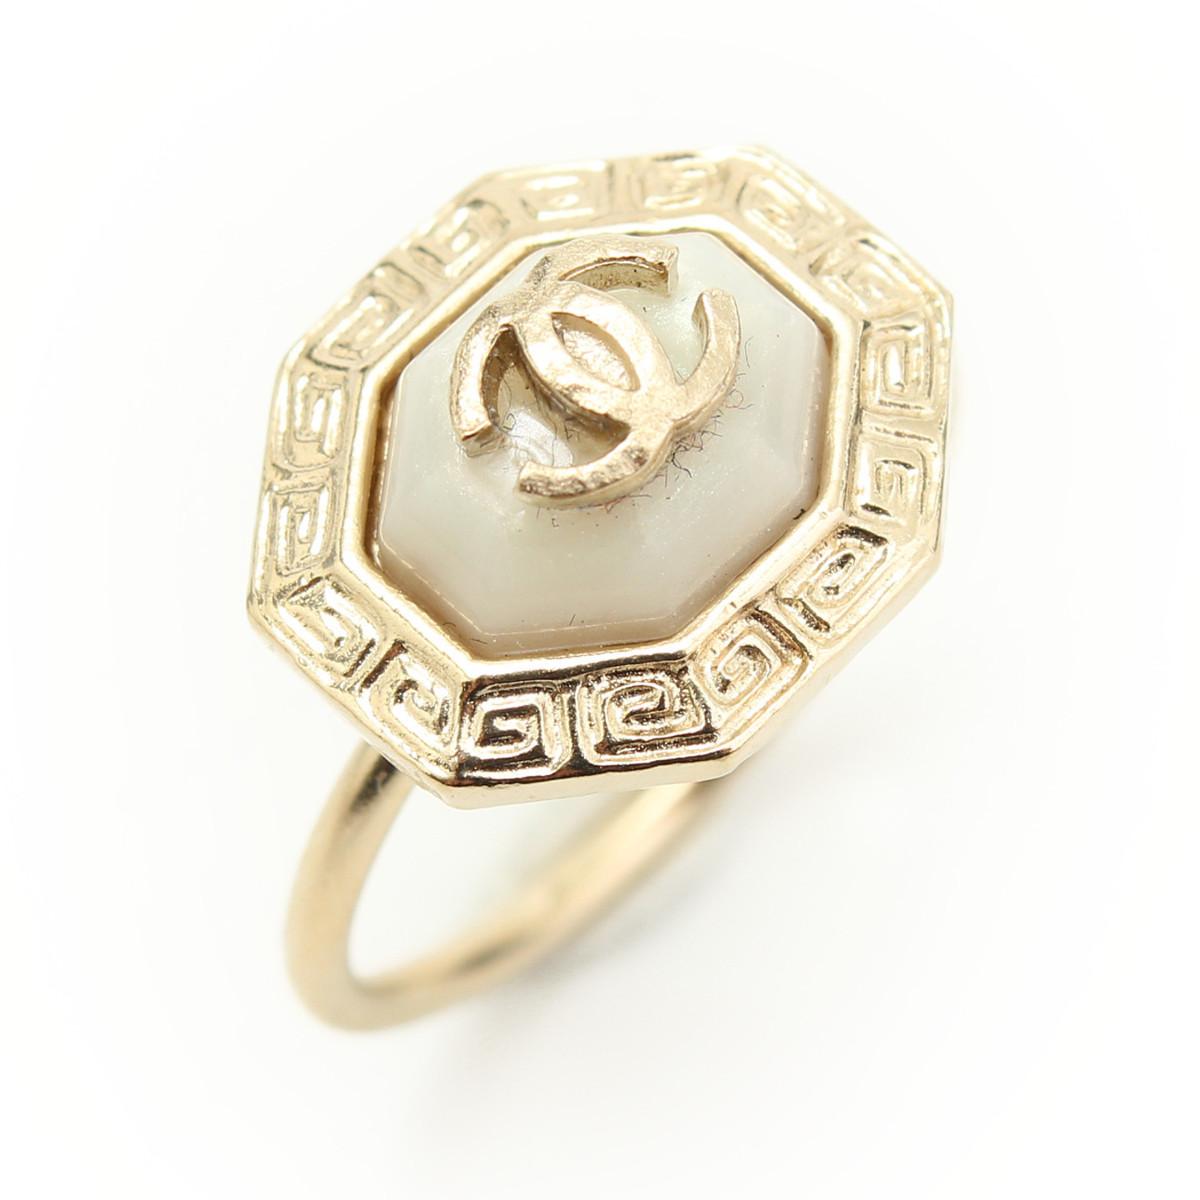 【シャネル】Chanel B16C ココマーク ストーン リング 指輪 ホワイト×ゴールド 12号 【中古】【鑑定済・正規品保証】【送料無料】28868